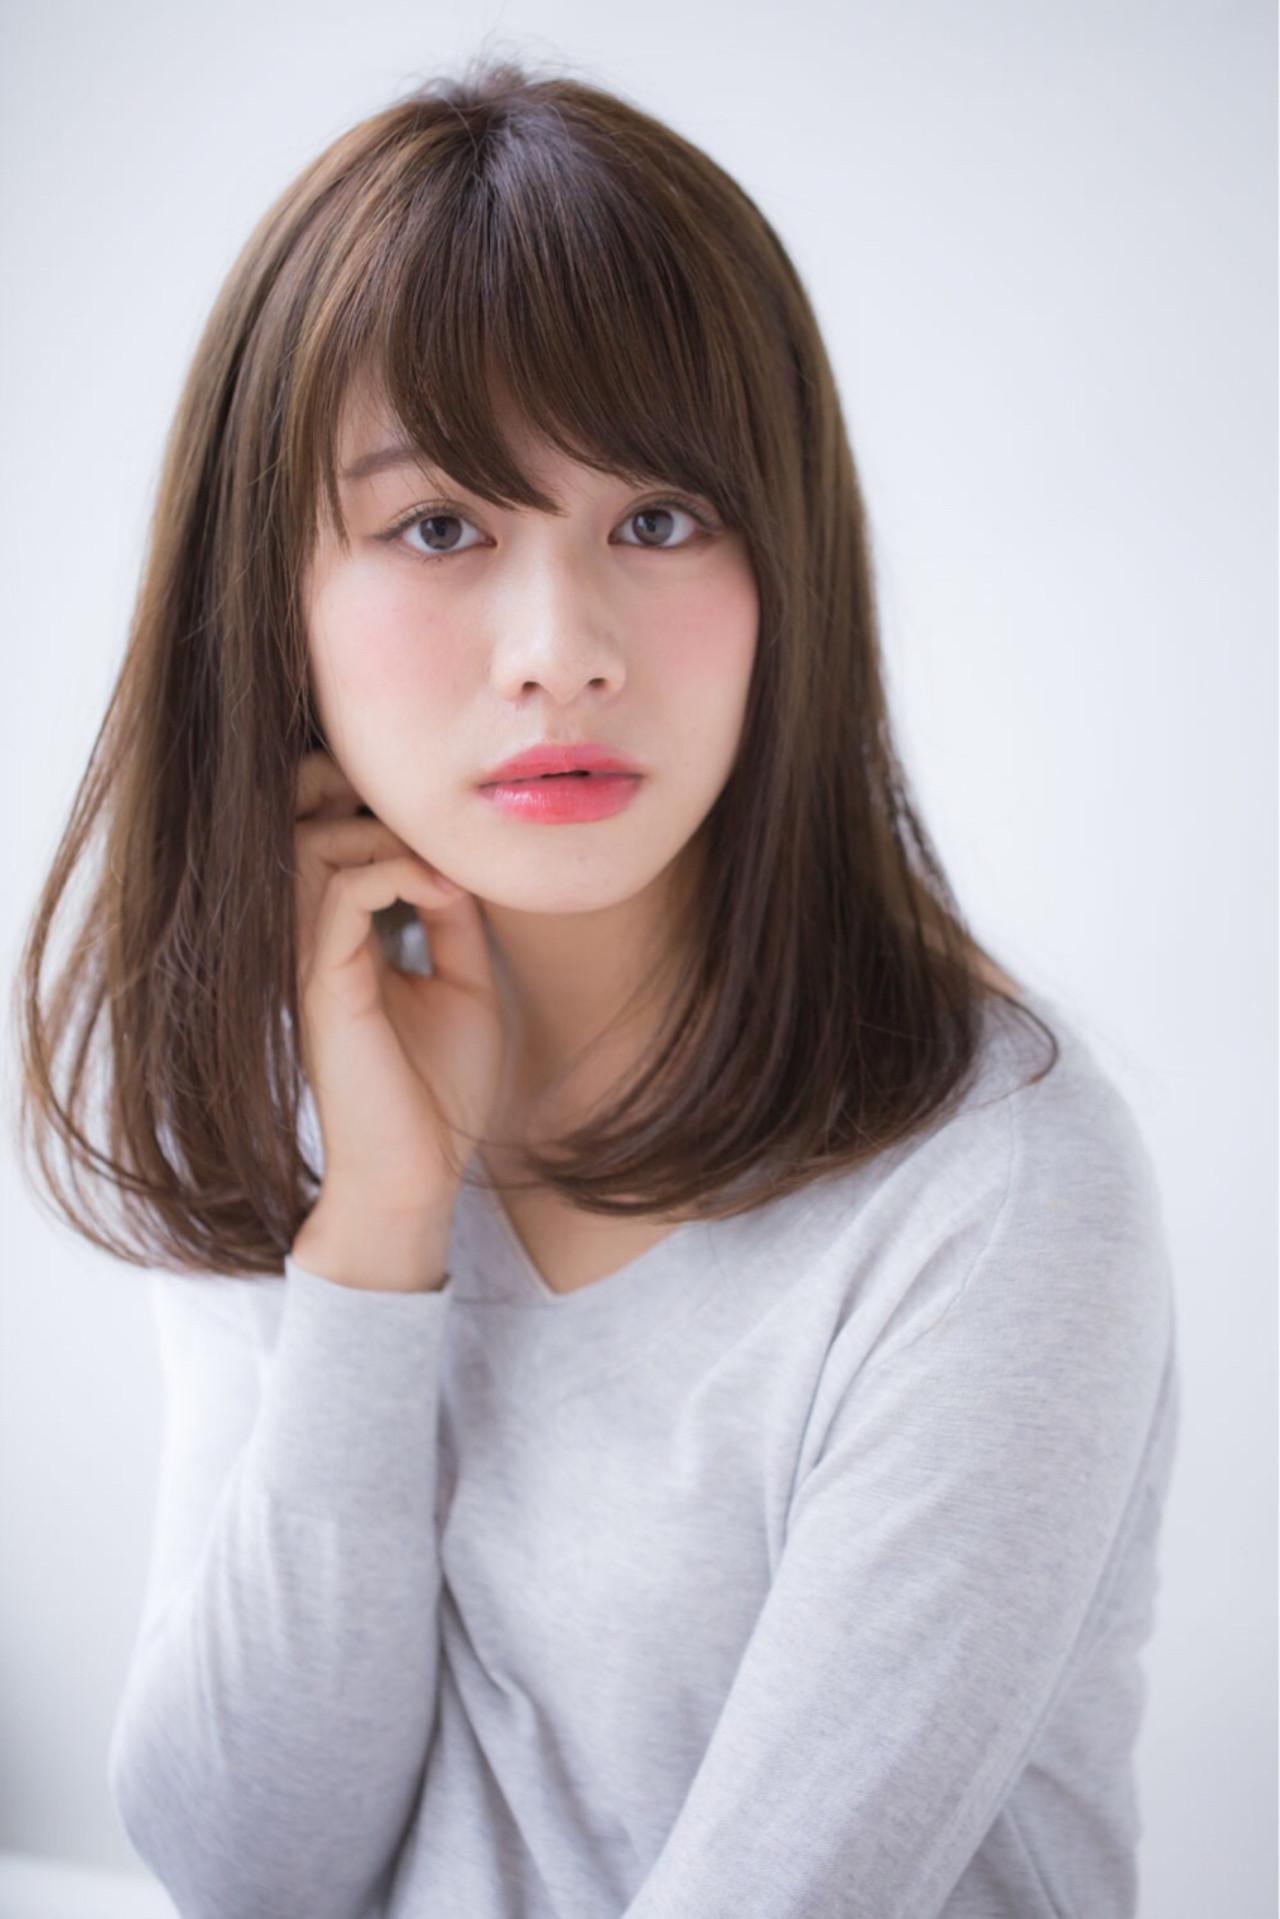 デート ヘアアレンジ 色気 簡単ヘアアレンジ ヘアスタイルや髪型の写真・画像 | 松下哲士 / GARDEN aoyama